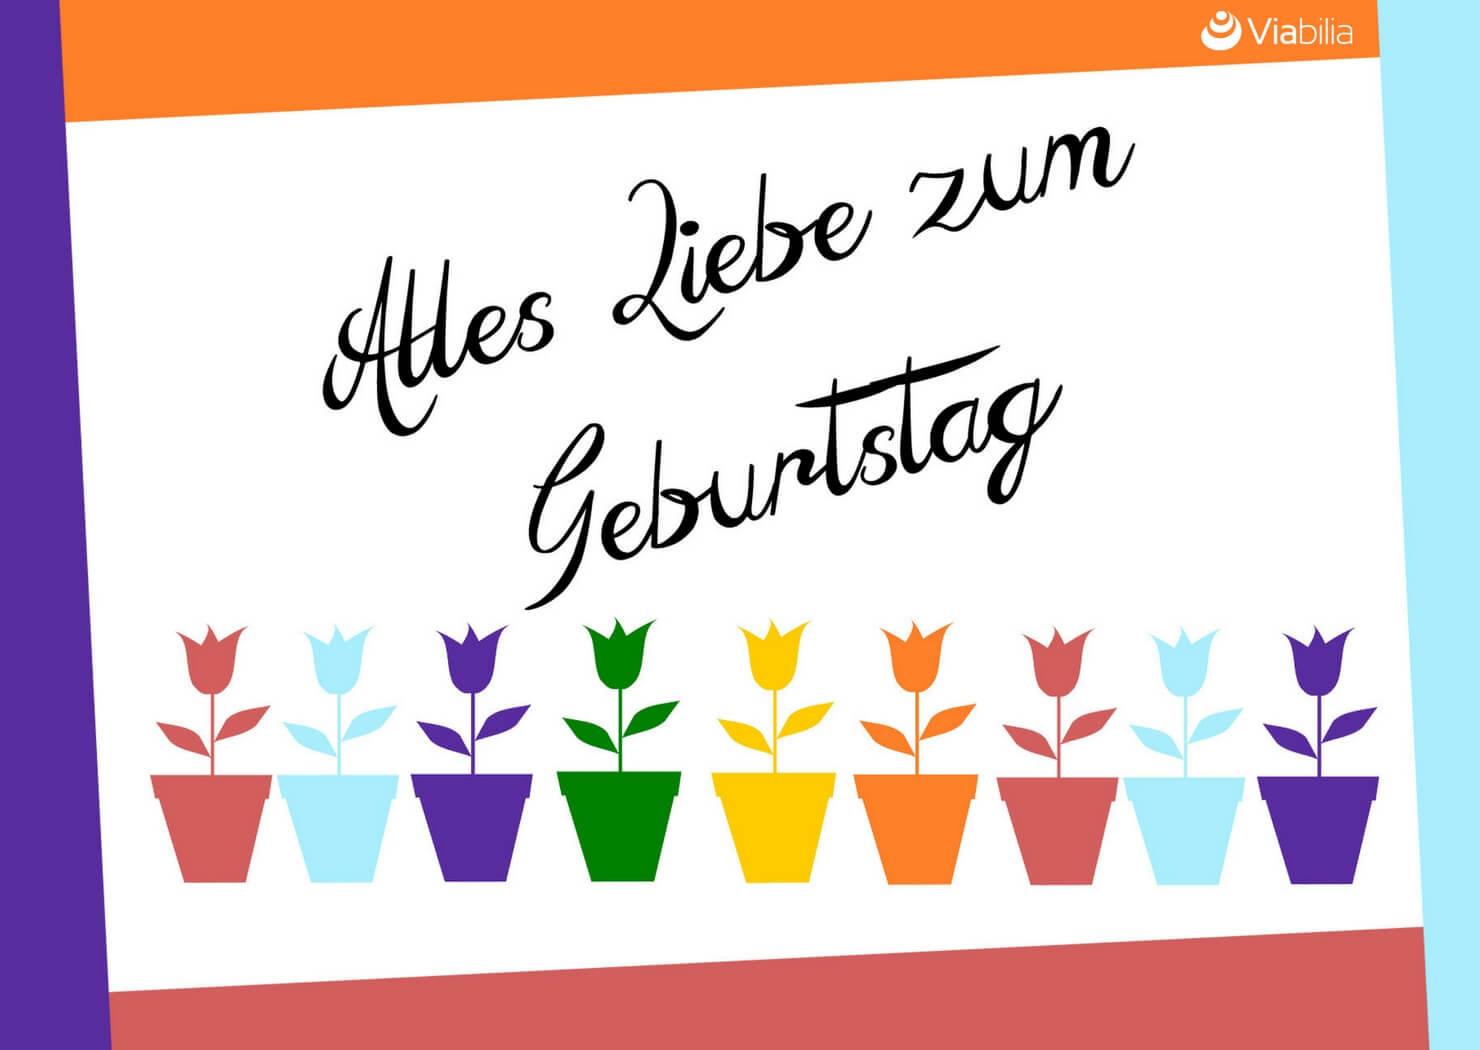 Geburtstagskarten Selber Drucken  Geburtstagskarten kostenlos als PDF ausdrucken